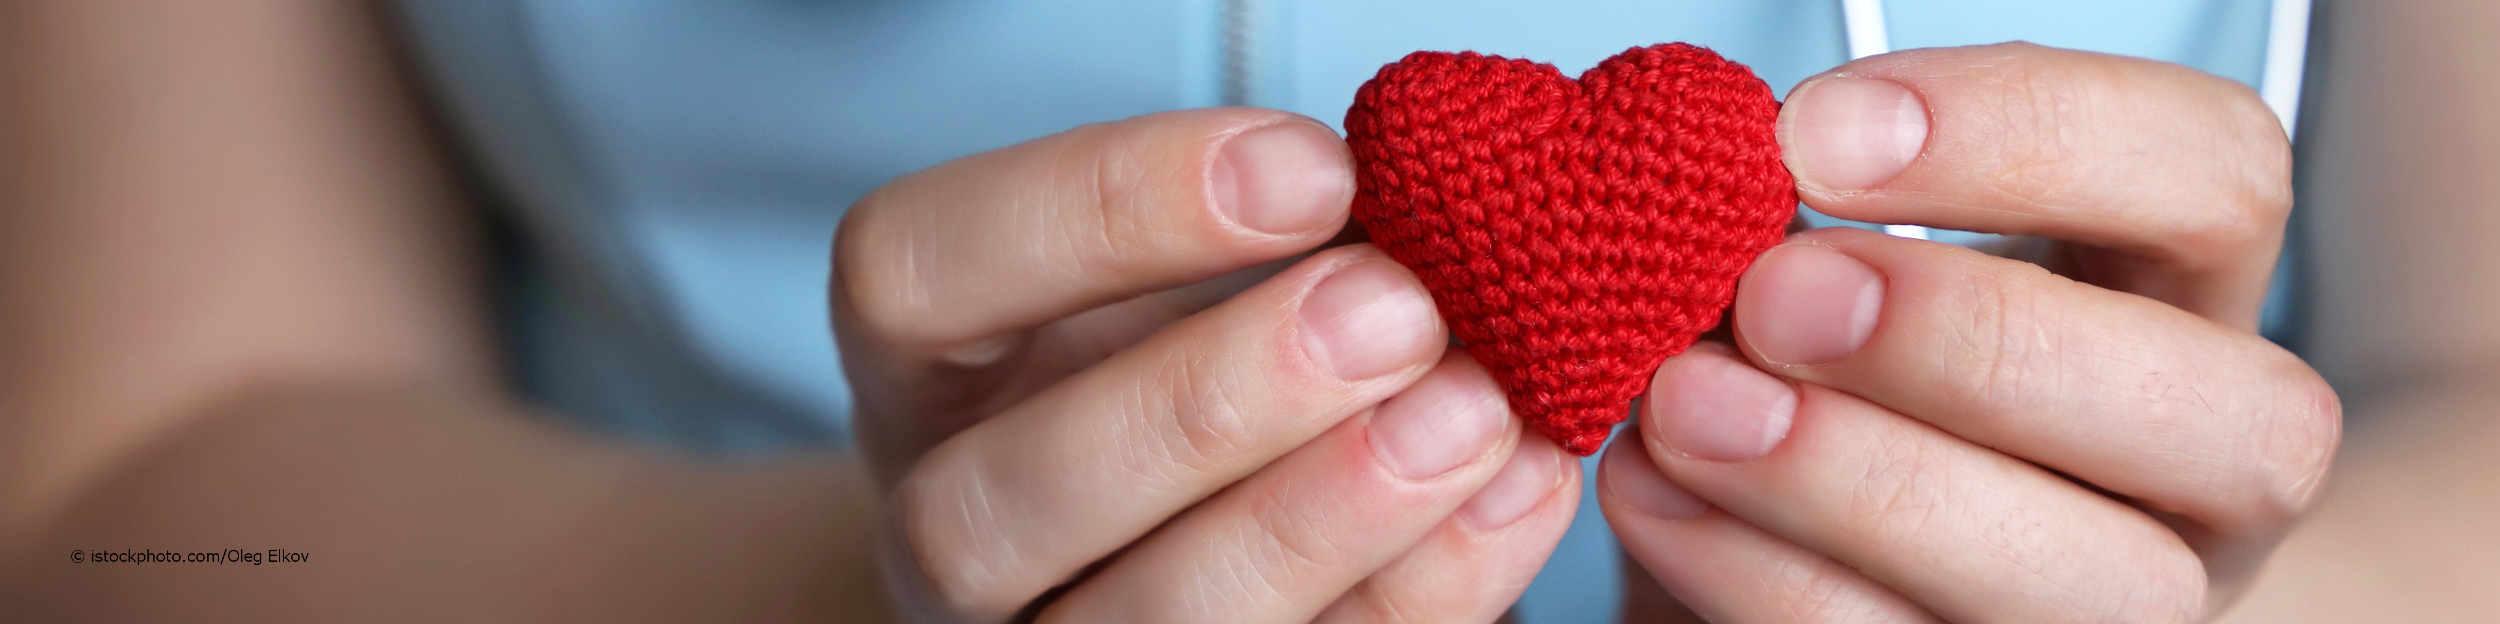 Kardiologin hält als Symbol für eine Herzklappenspende ein Herz aus Stoff in den Händen